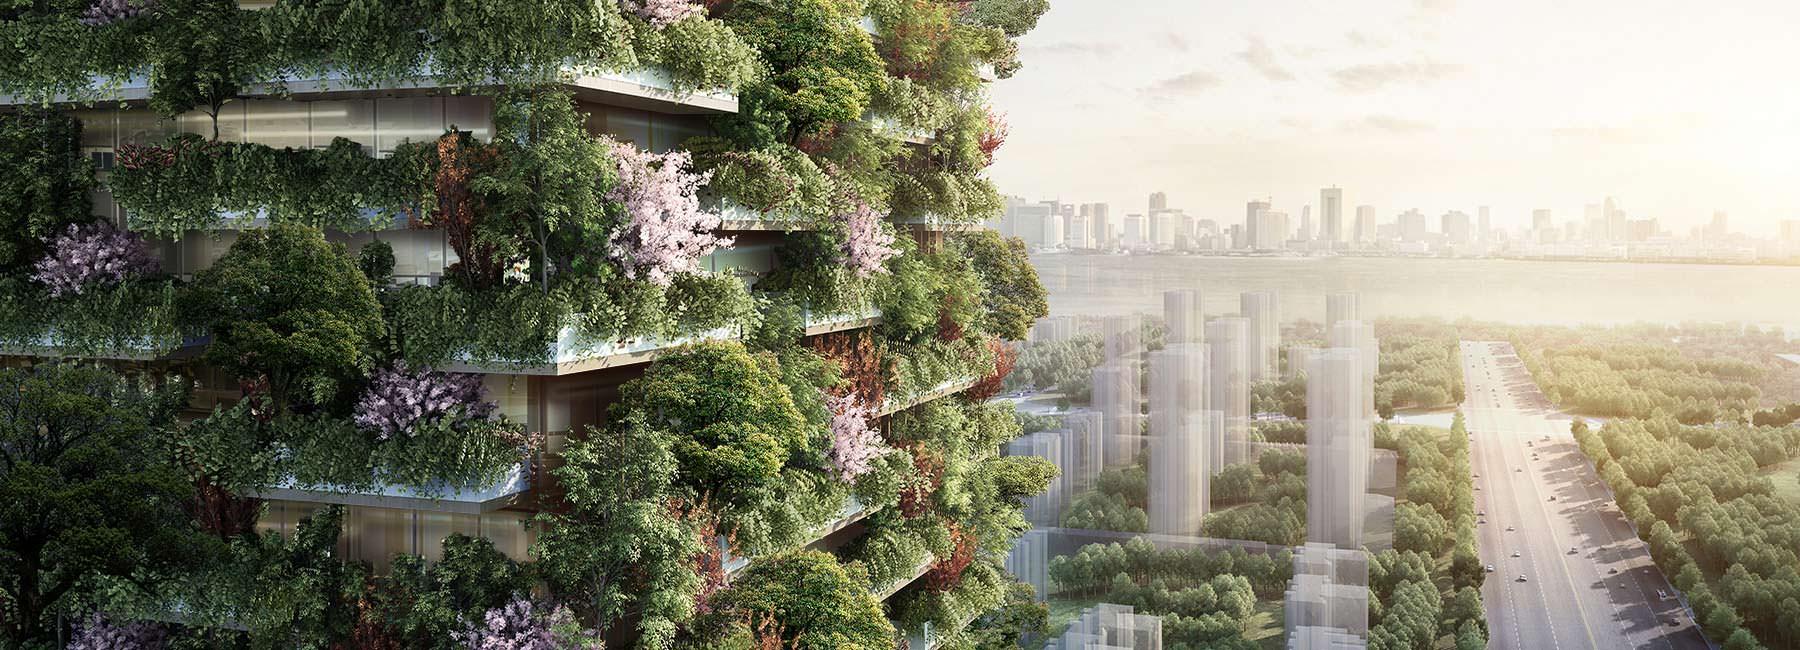 «Вертикальный лес» в Китае от Стефано Боэри